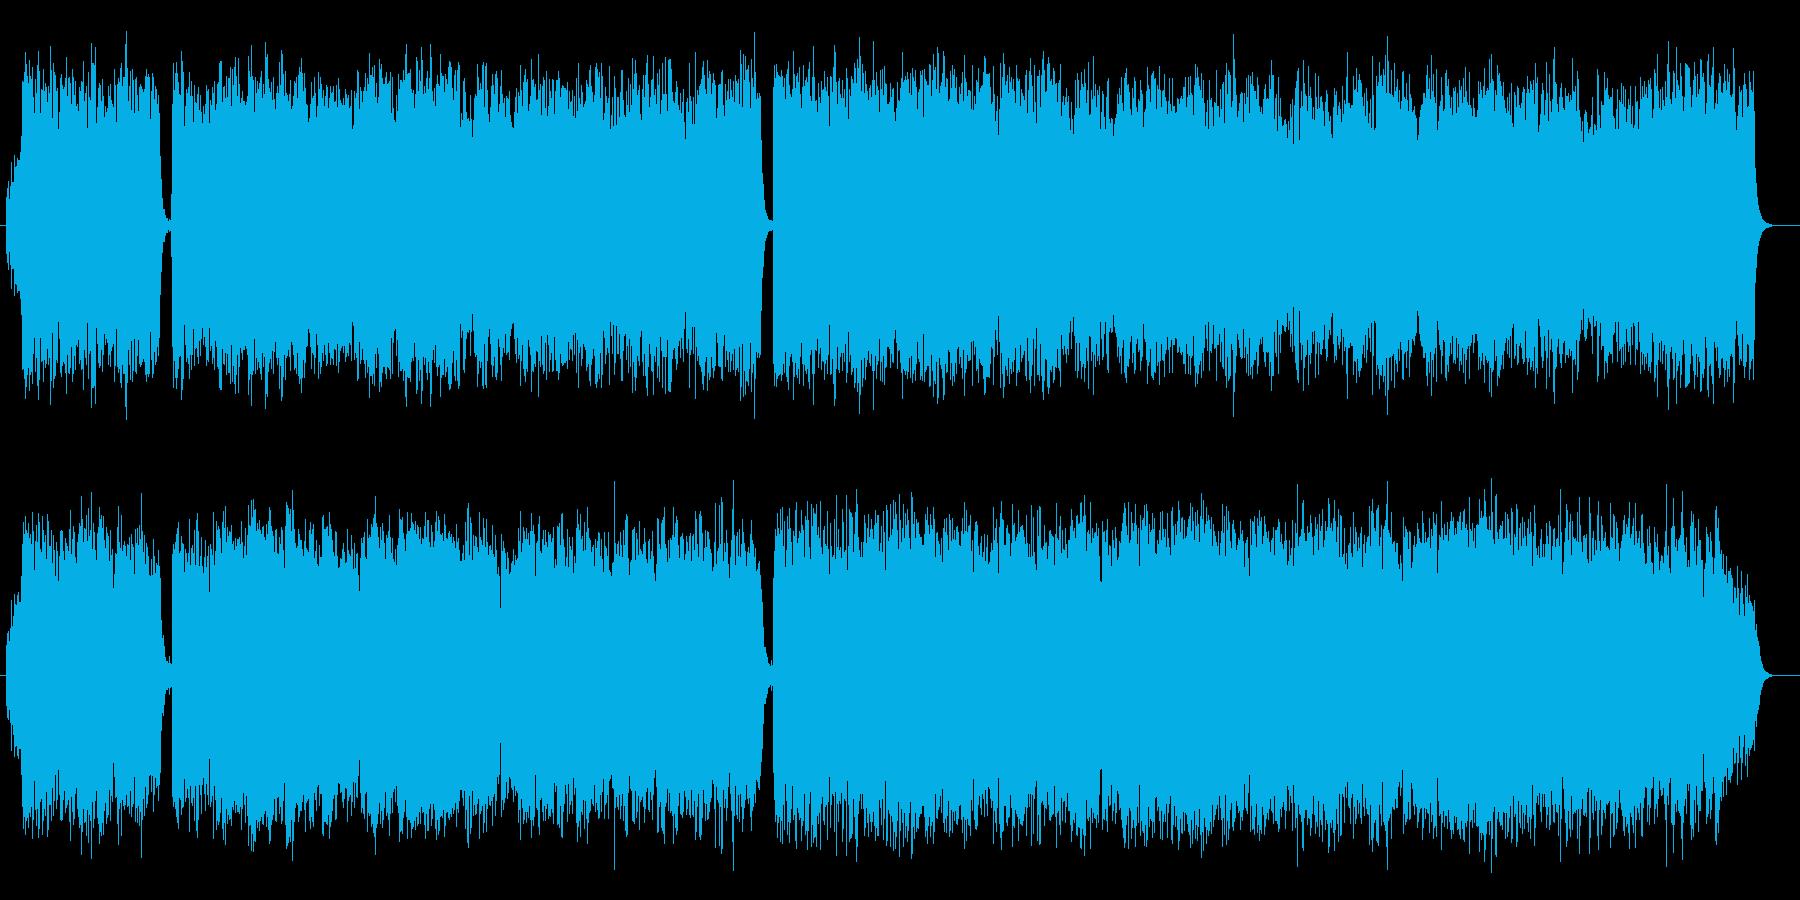 明るいカントリーワルツの再生済みの波形